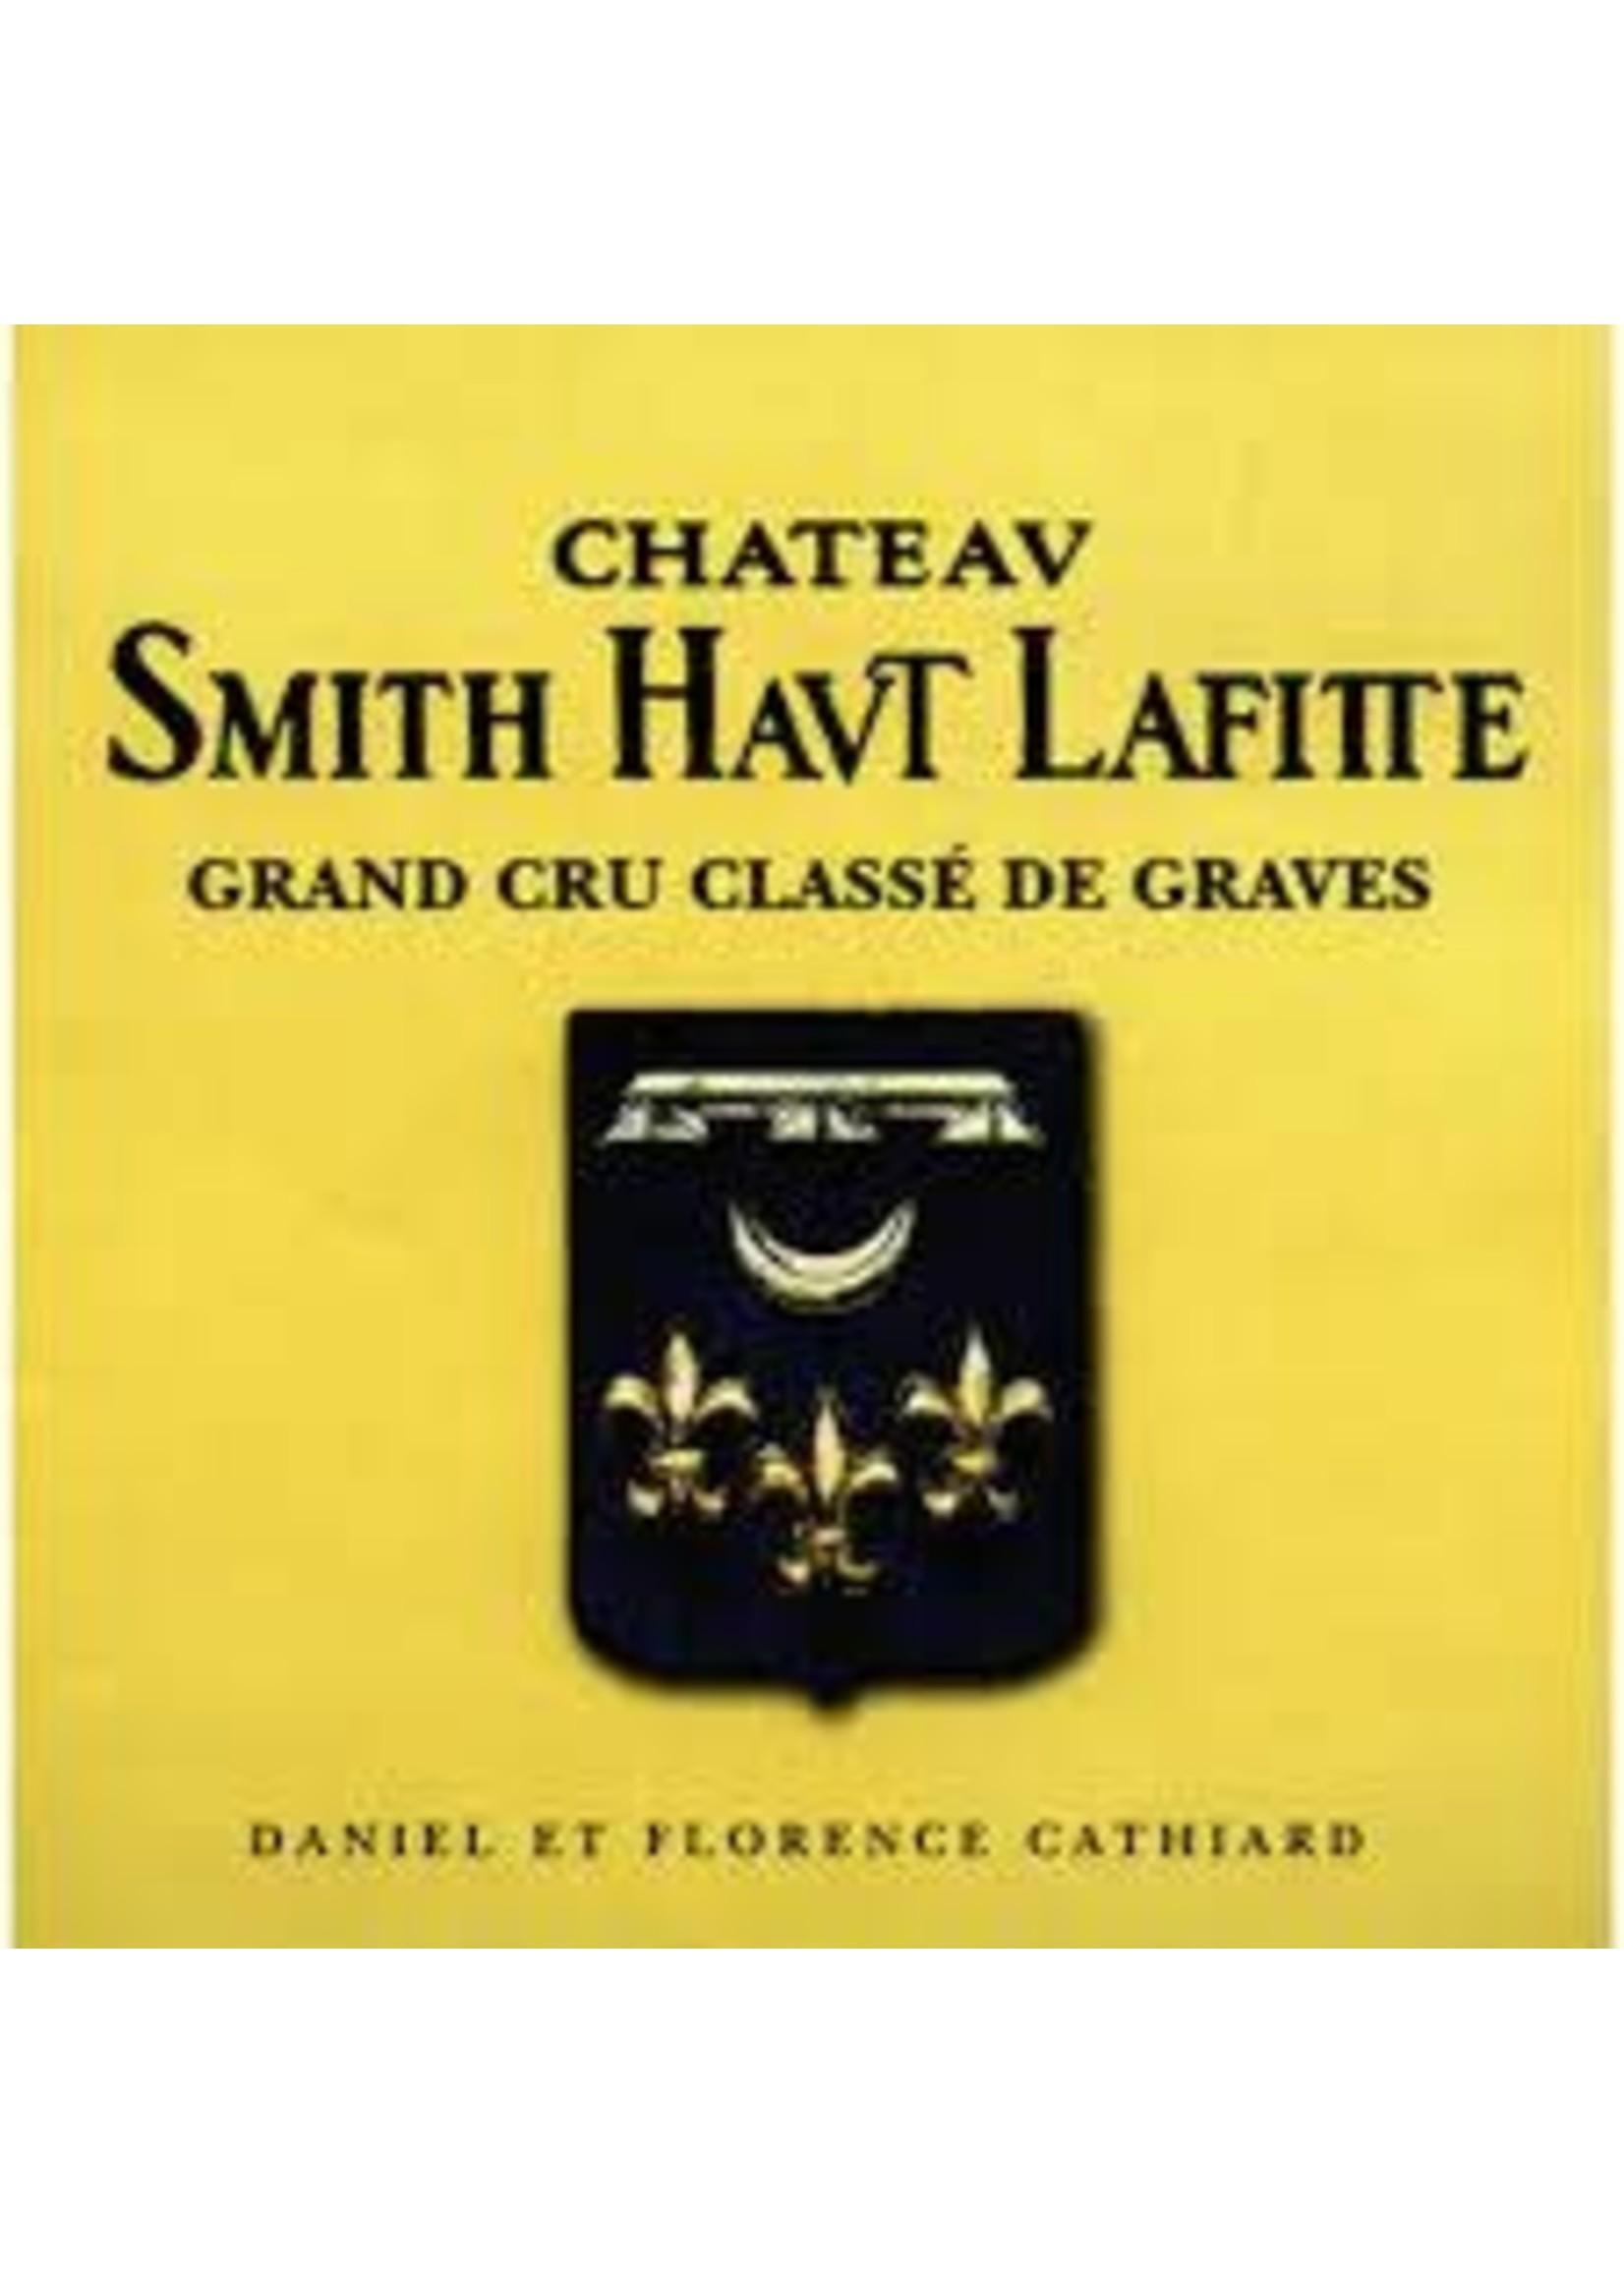 Chateau Smith Haut Lafitte 2000 Pessac Leognan 12bt OWC [PRE-ARRIVAL]